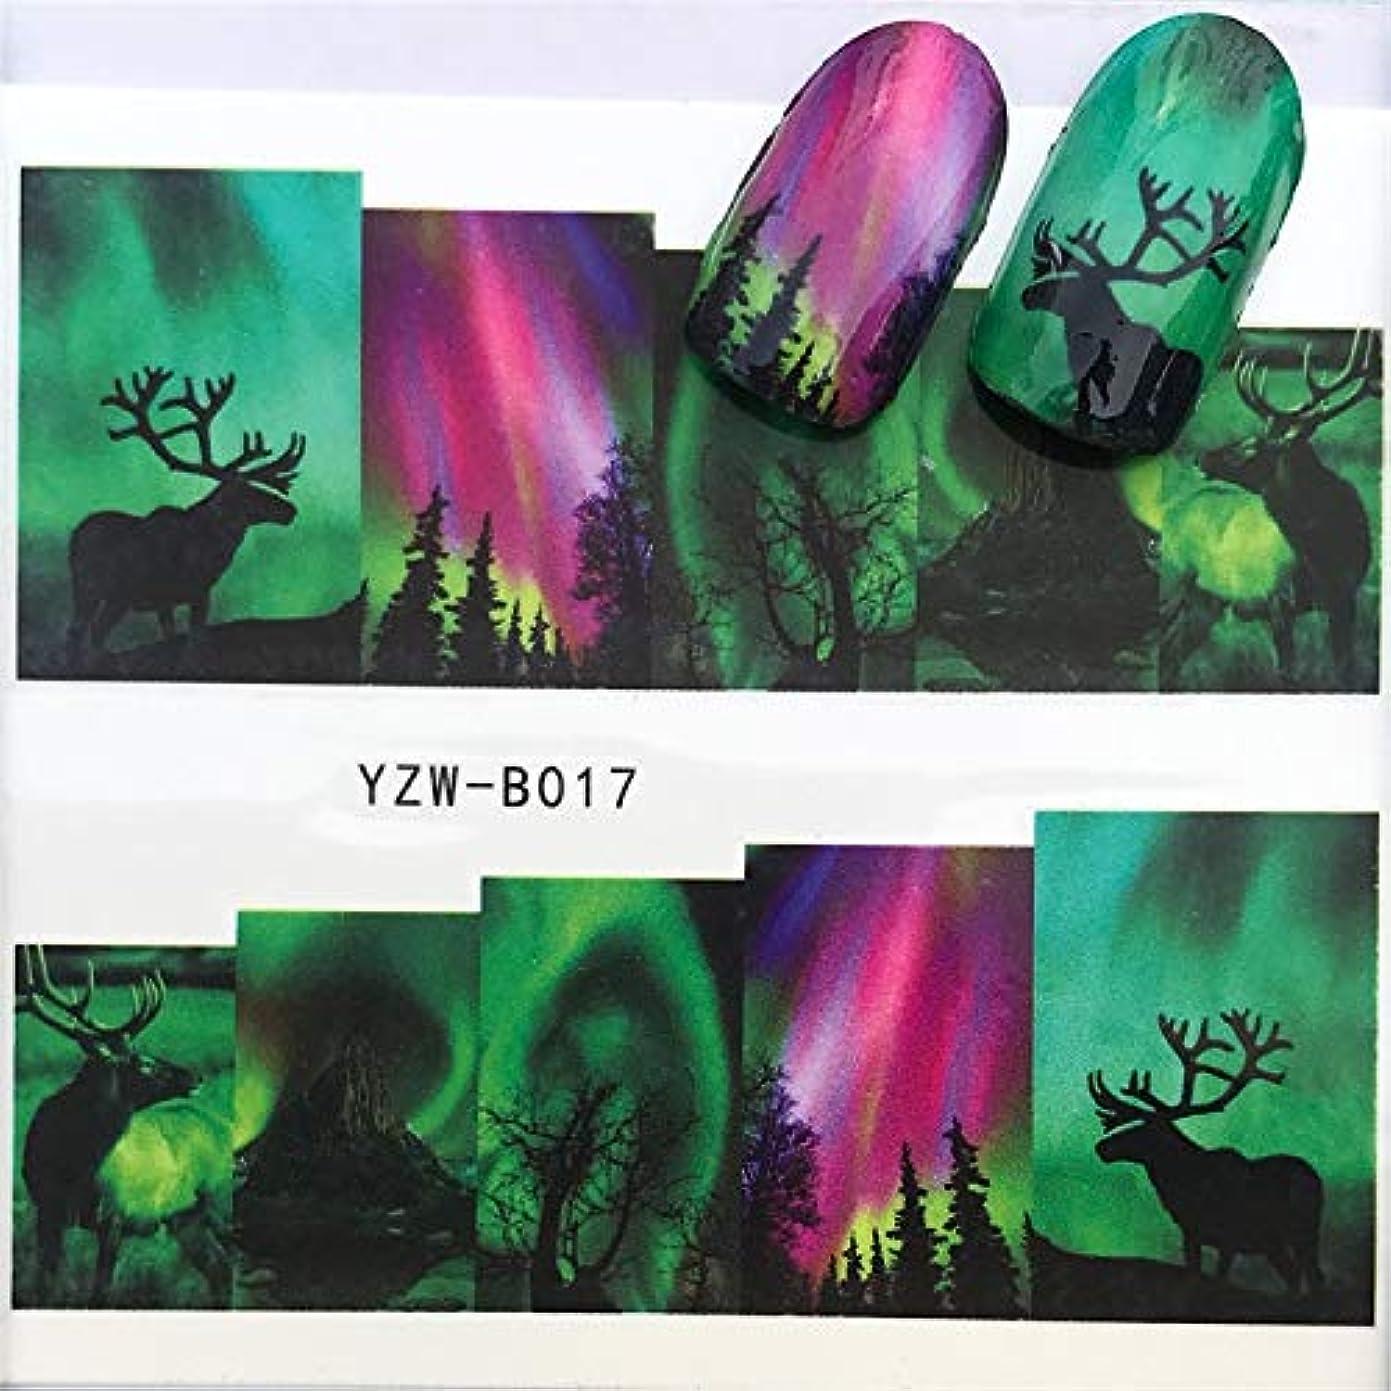 オークランドたくさん必要条件Yan 3個ネイルステッカーセットデカール水転写スライダーネイルアートデコレーション、色:YZWB018